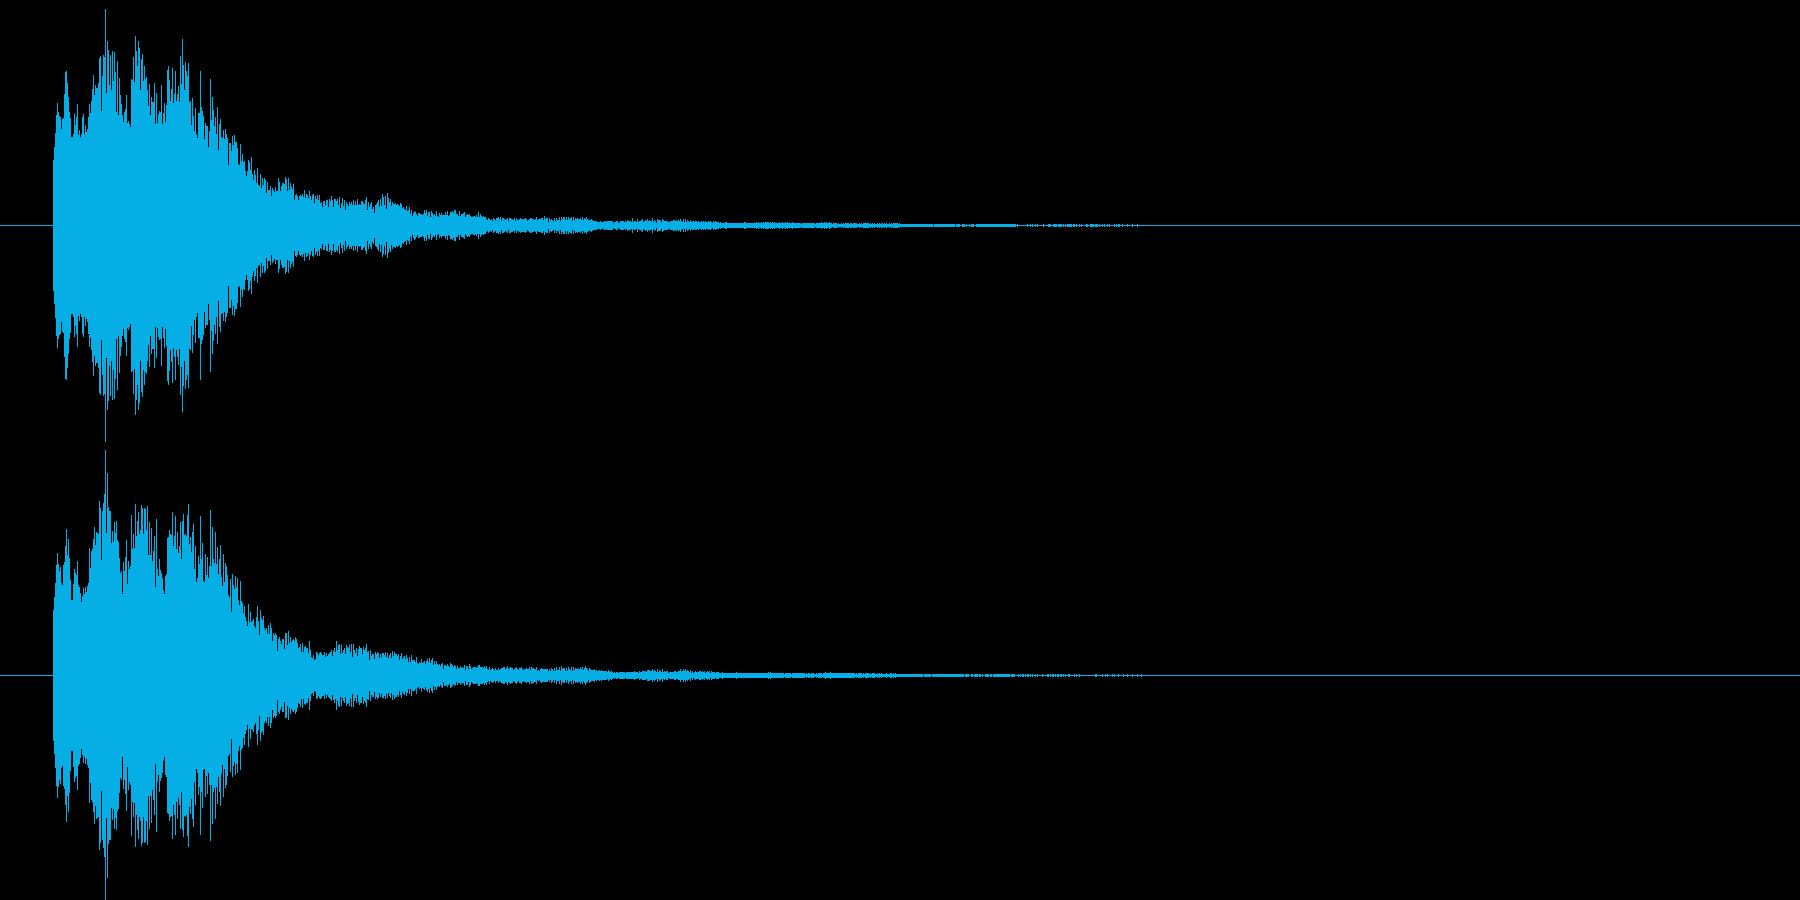 キラリン⑤(レア・お知らせ・ポイント)の再生済みの波形